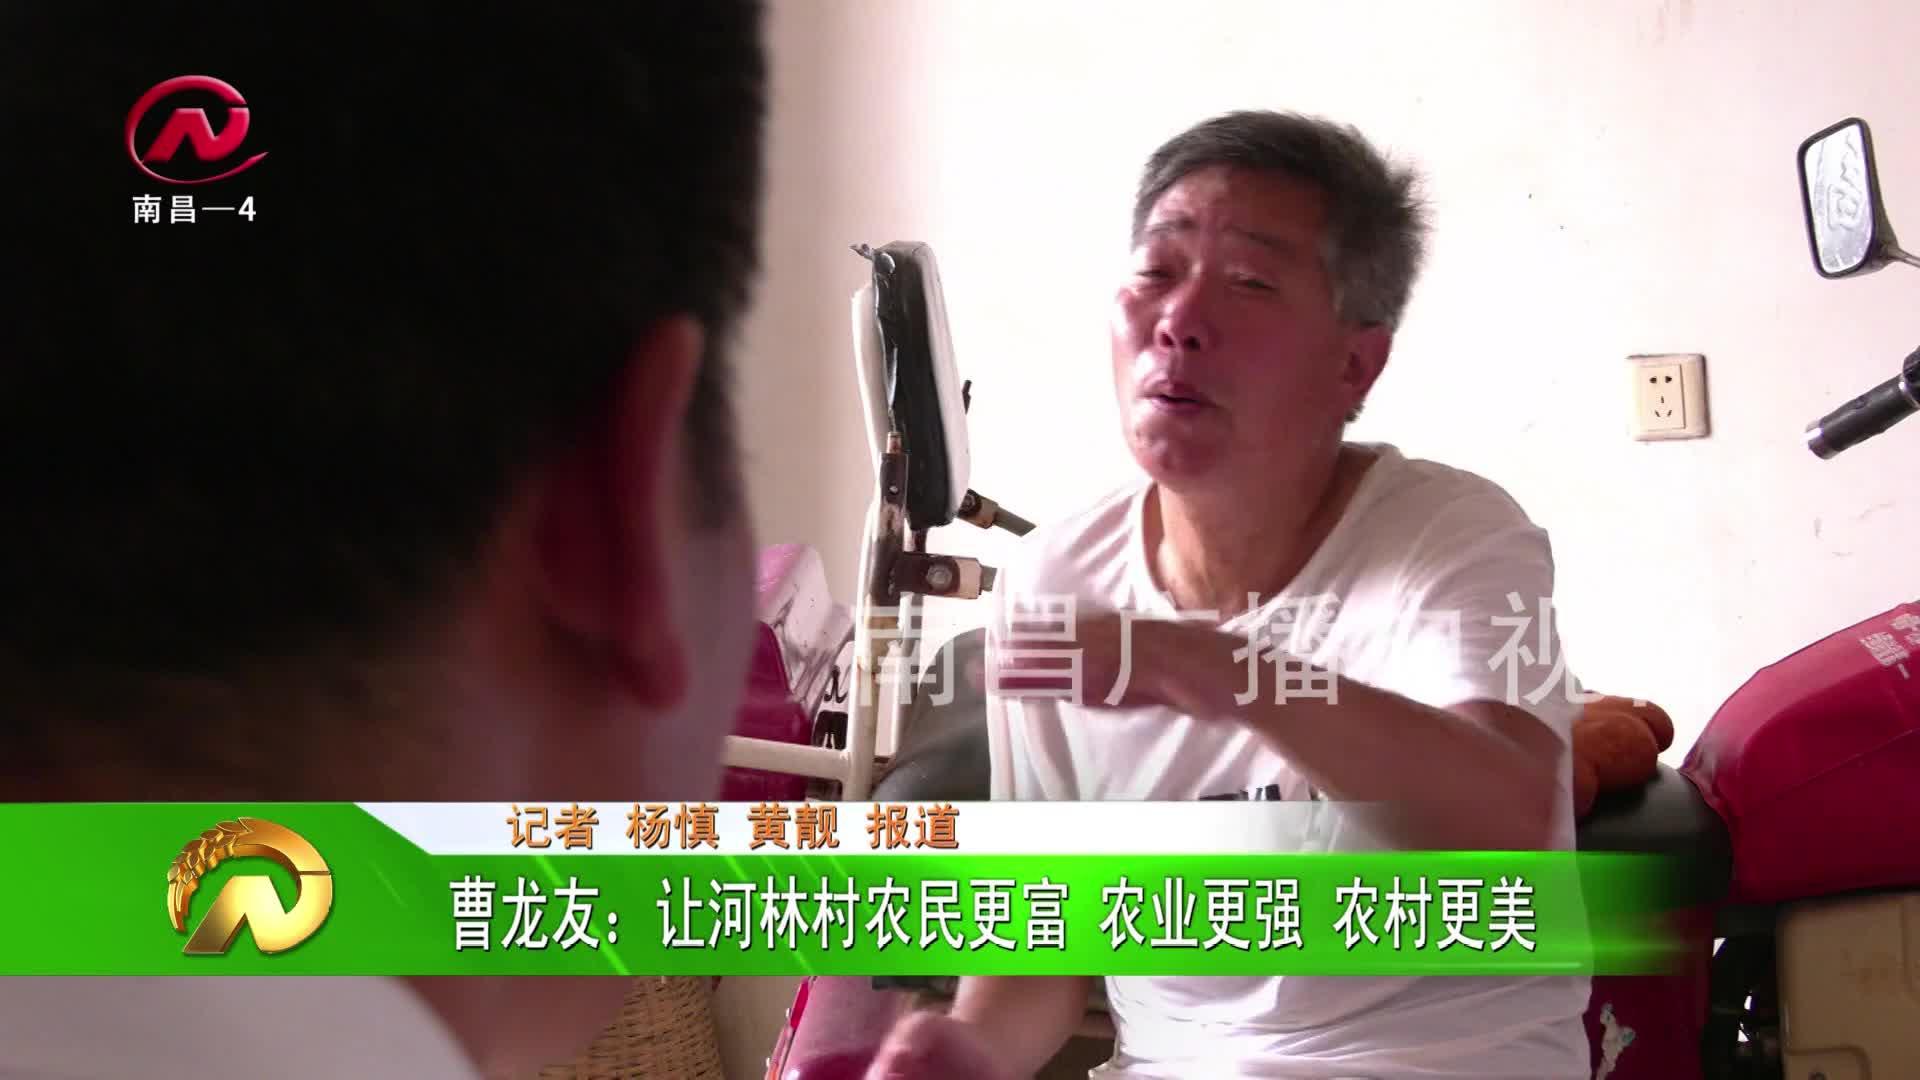 【豫章农视】曹龙友:让河林村农民更富 农业更强 农村更美